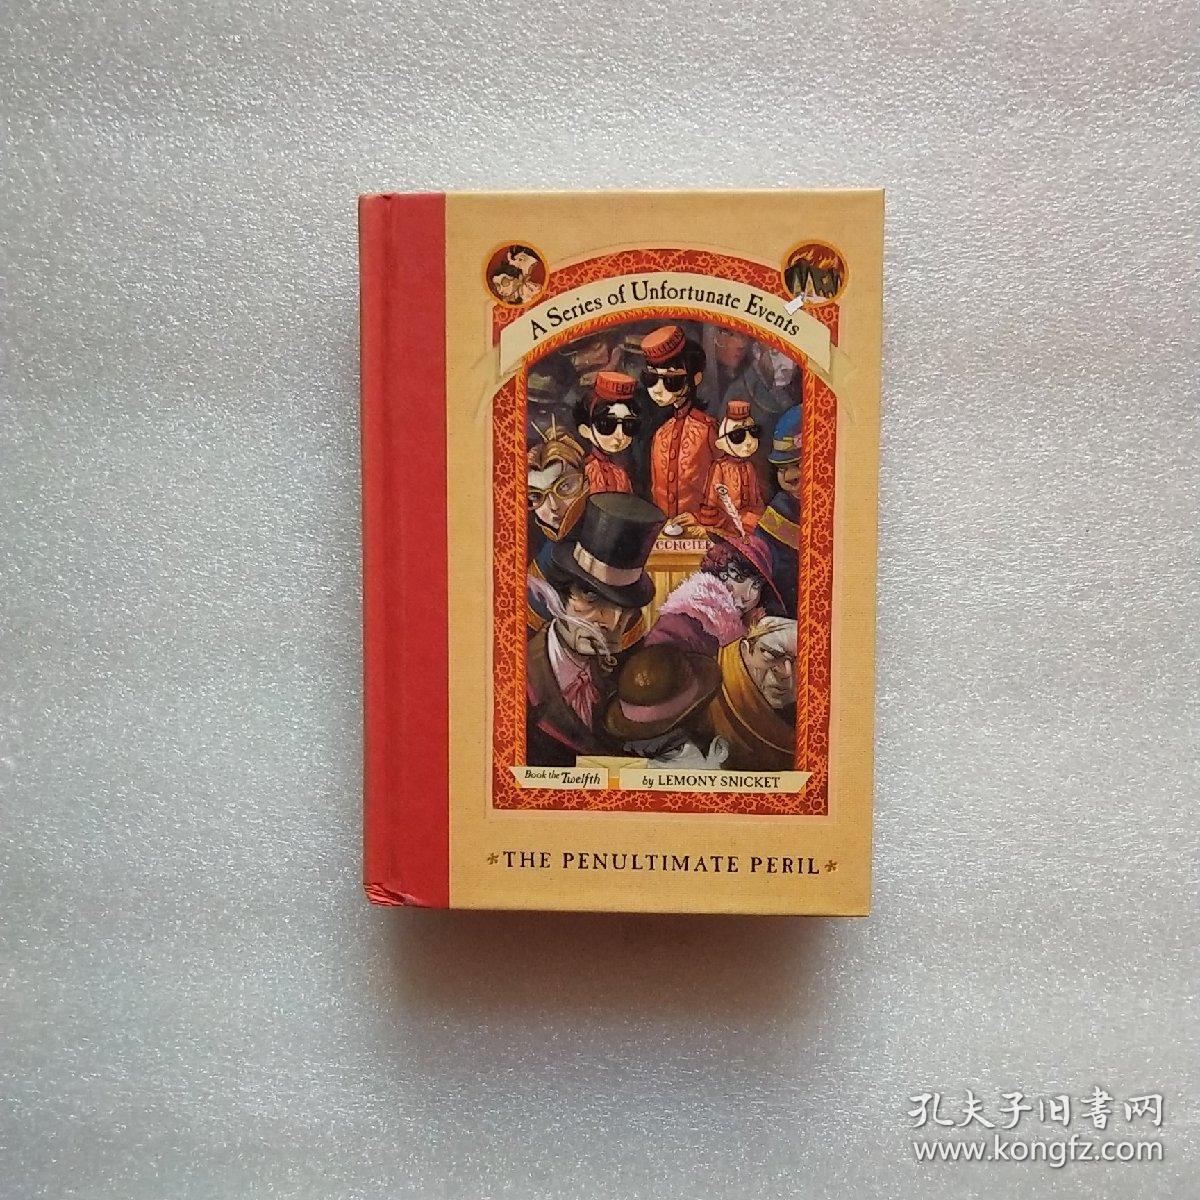 The Penultimate Peril:The Penultimate Peril 雷蒙·斯尼奇的不幸历险12:混乱的旅馆 ISBN9780064410151